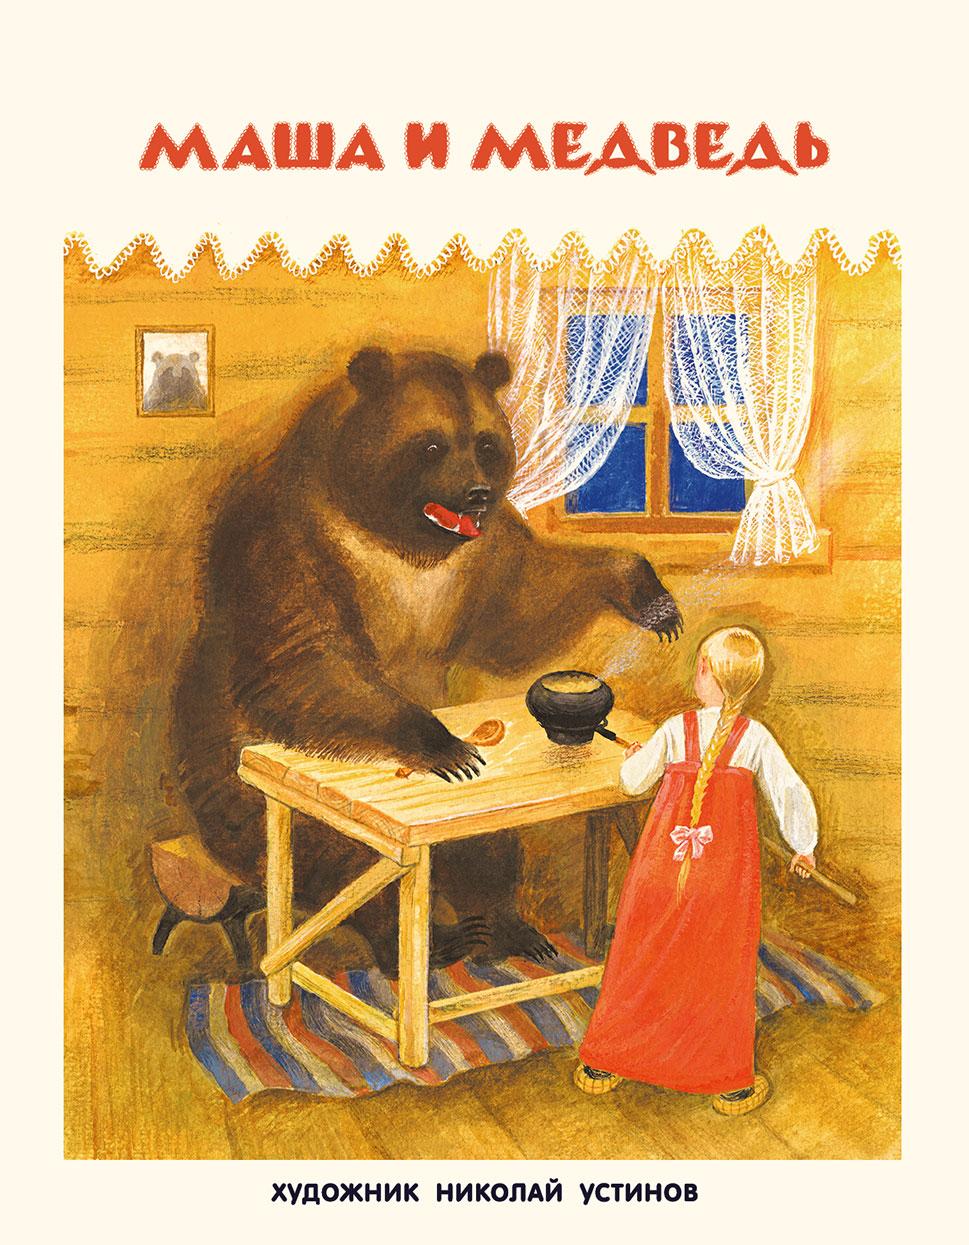 Маша и медведь галлюциногенные грибы где купить